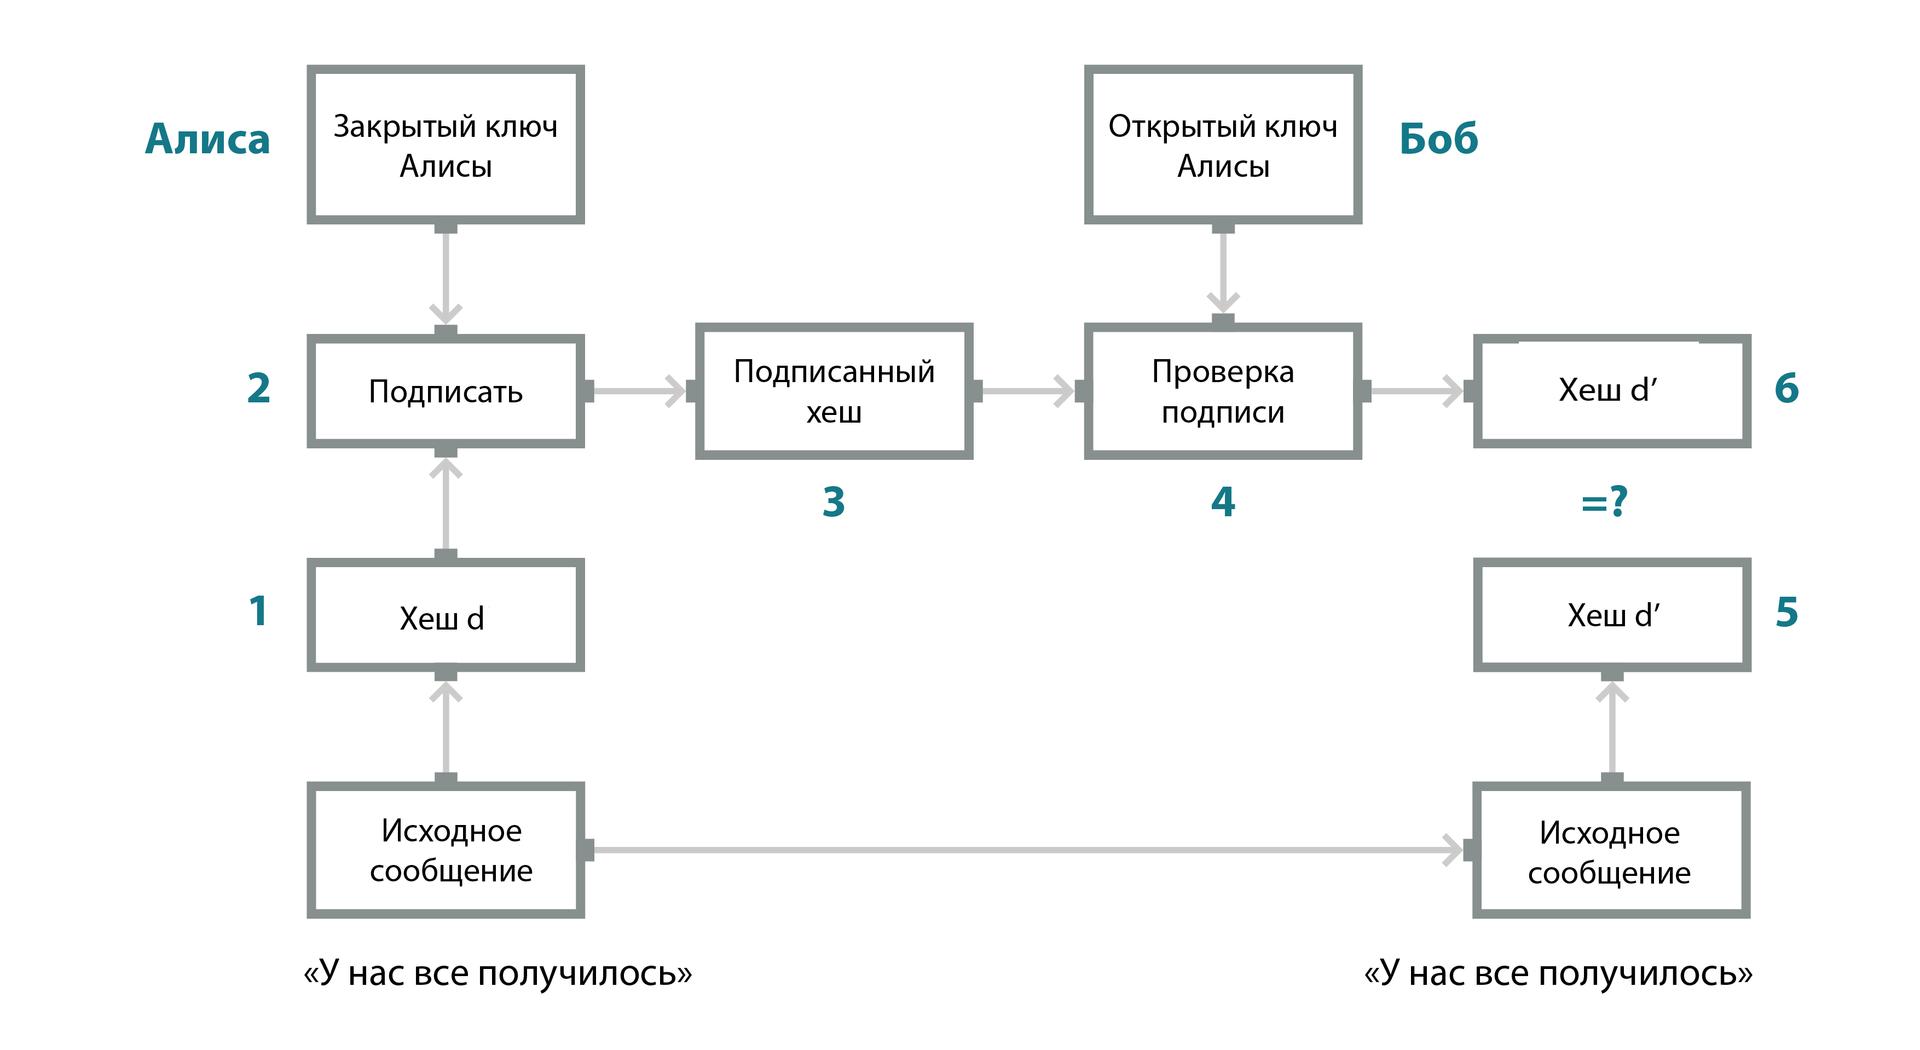 Этапы аутентификации и обнаружения подделки